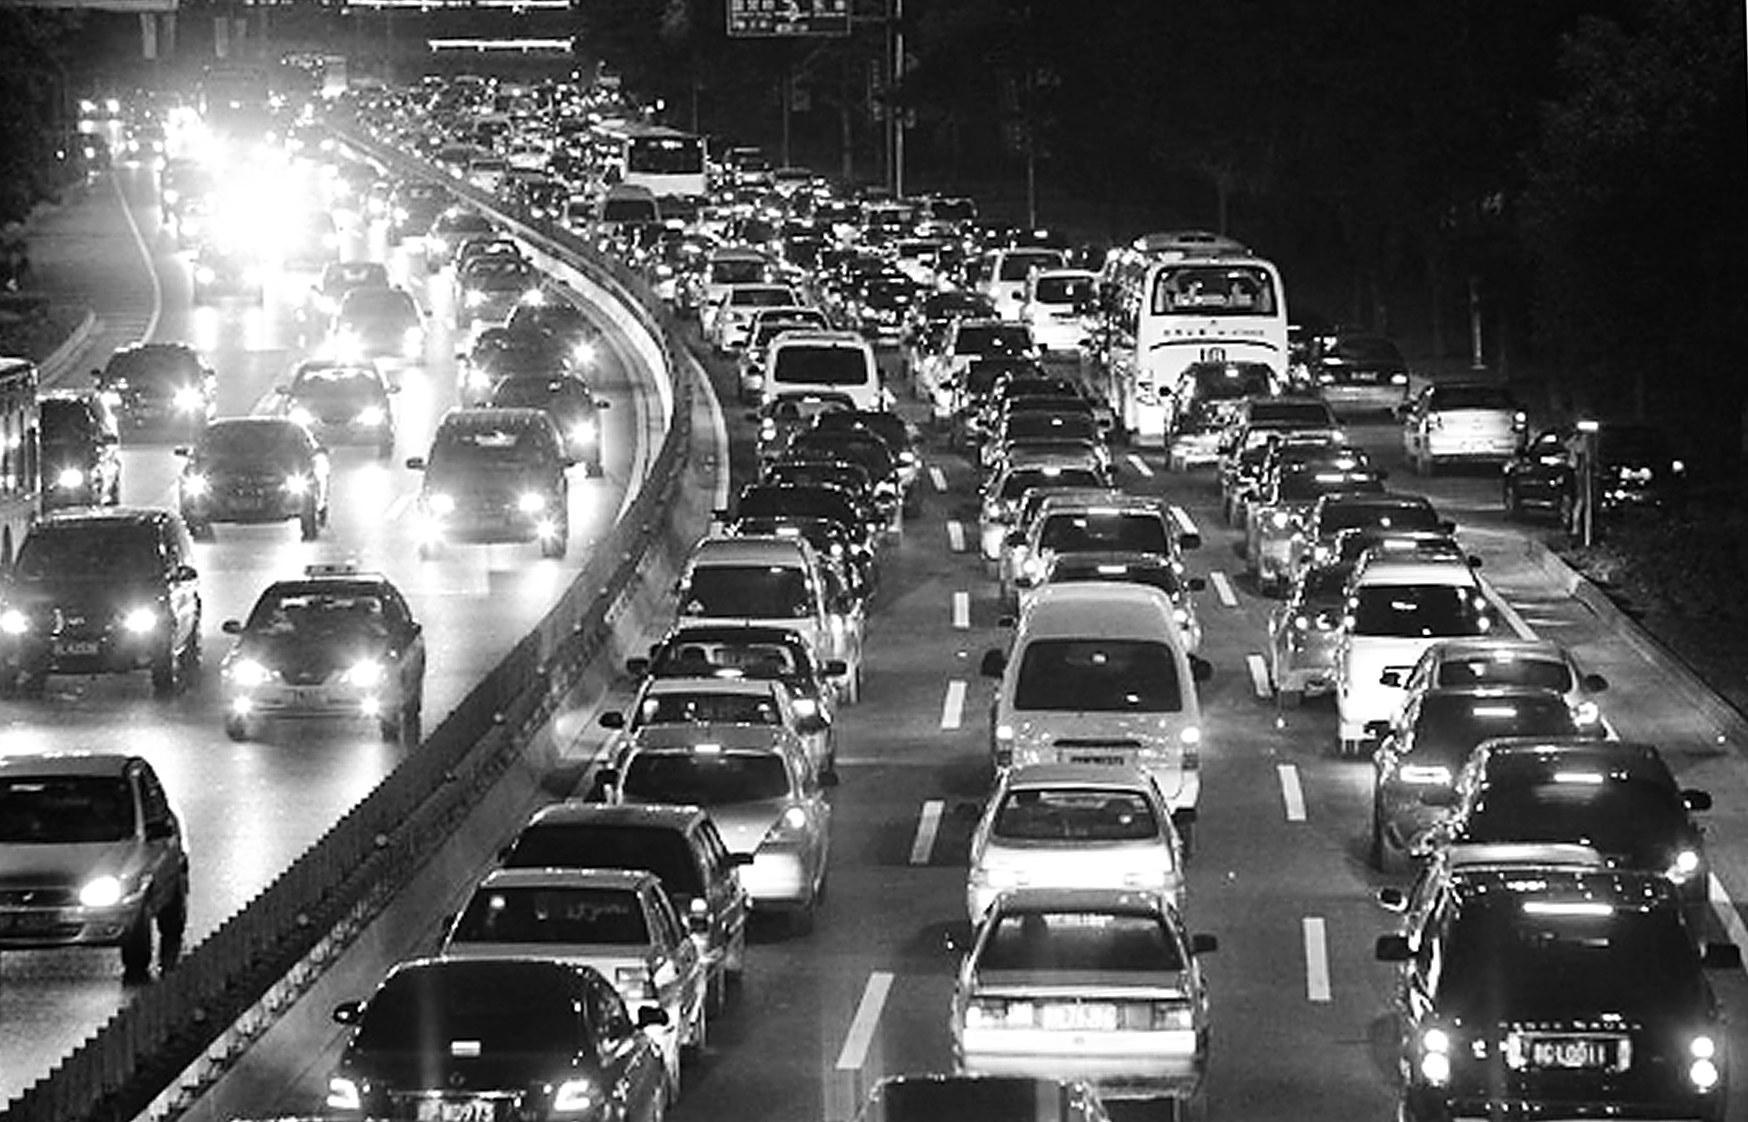 北京交通拥堵费_北京或将收交通拥堵收费,堵车也要收费了?__理财频道 - 融360